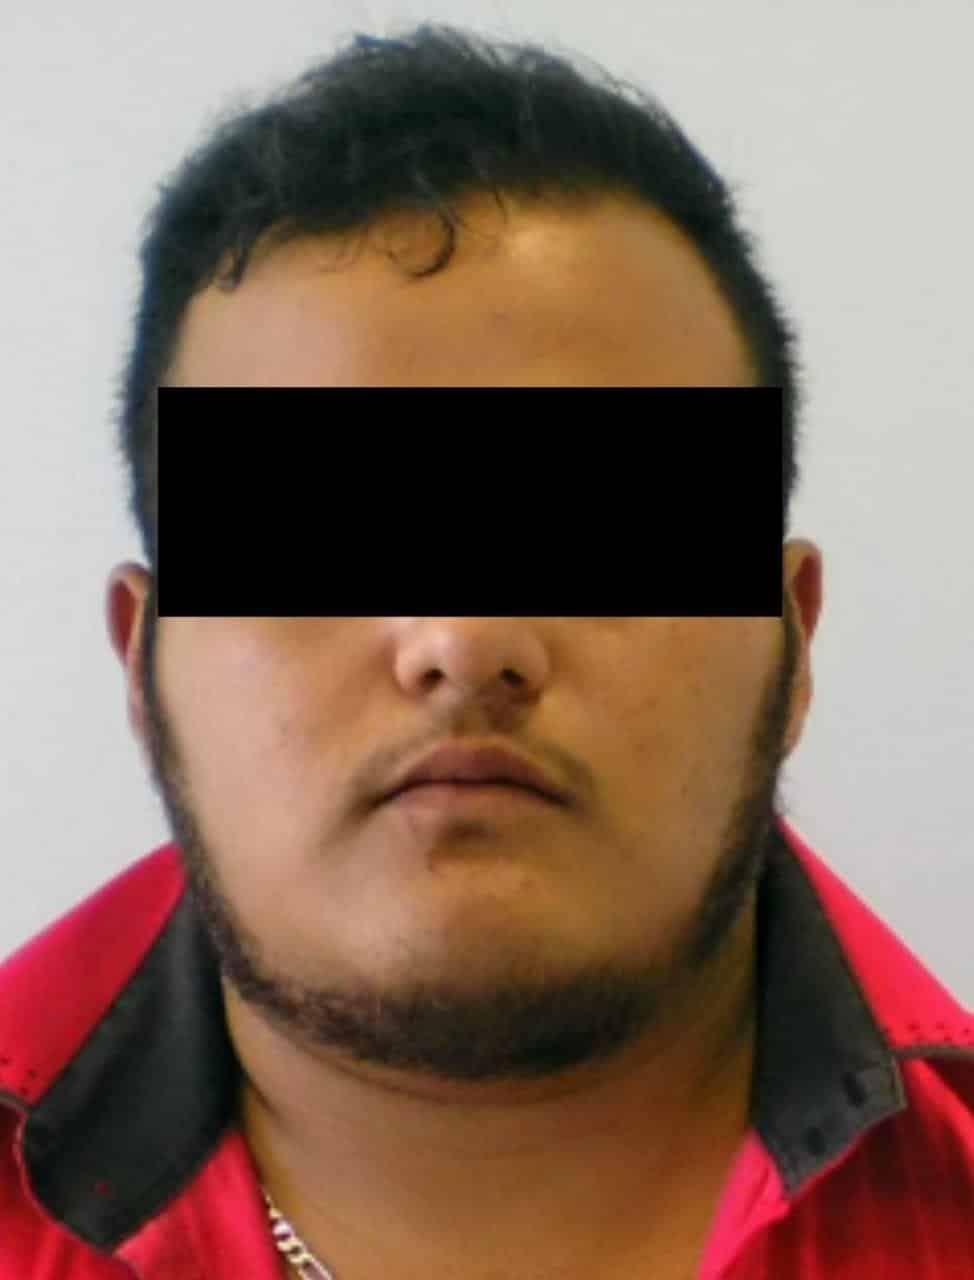 Los dos arrestadas por el secuestro de un hombre, ya fueron identificados